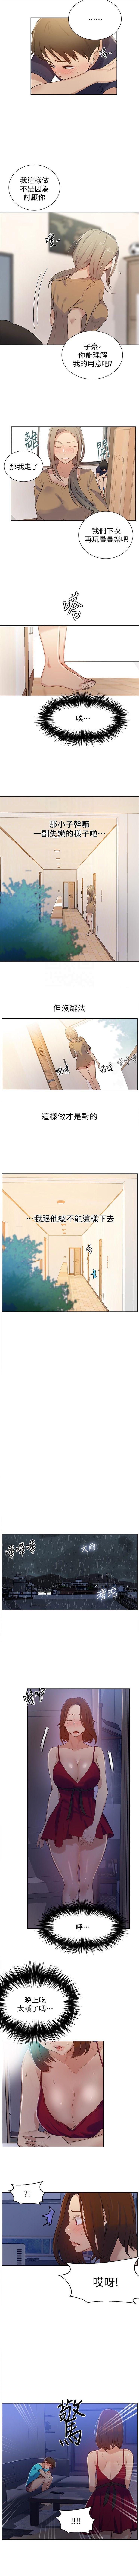 秘密教學  1-55 官方中文(連載中) 124